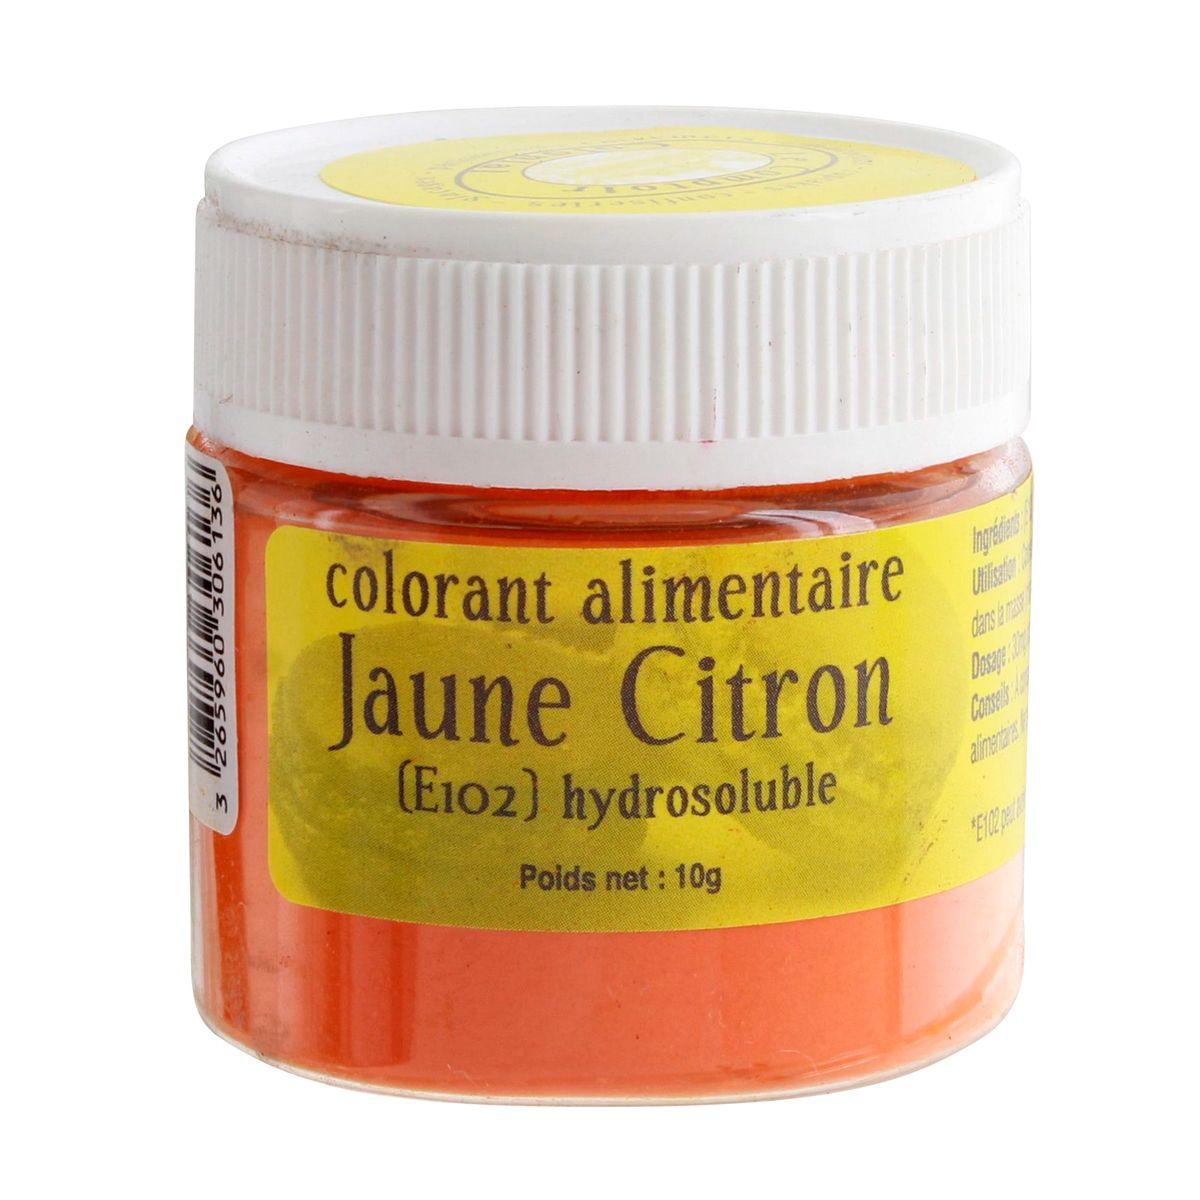 Colorant alimentaire hydrosoluble 10gr jaune citron - Le Comptoir Colonial